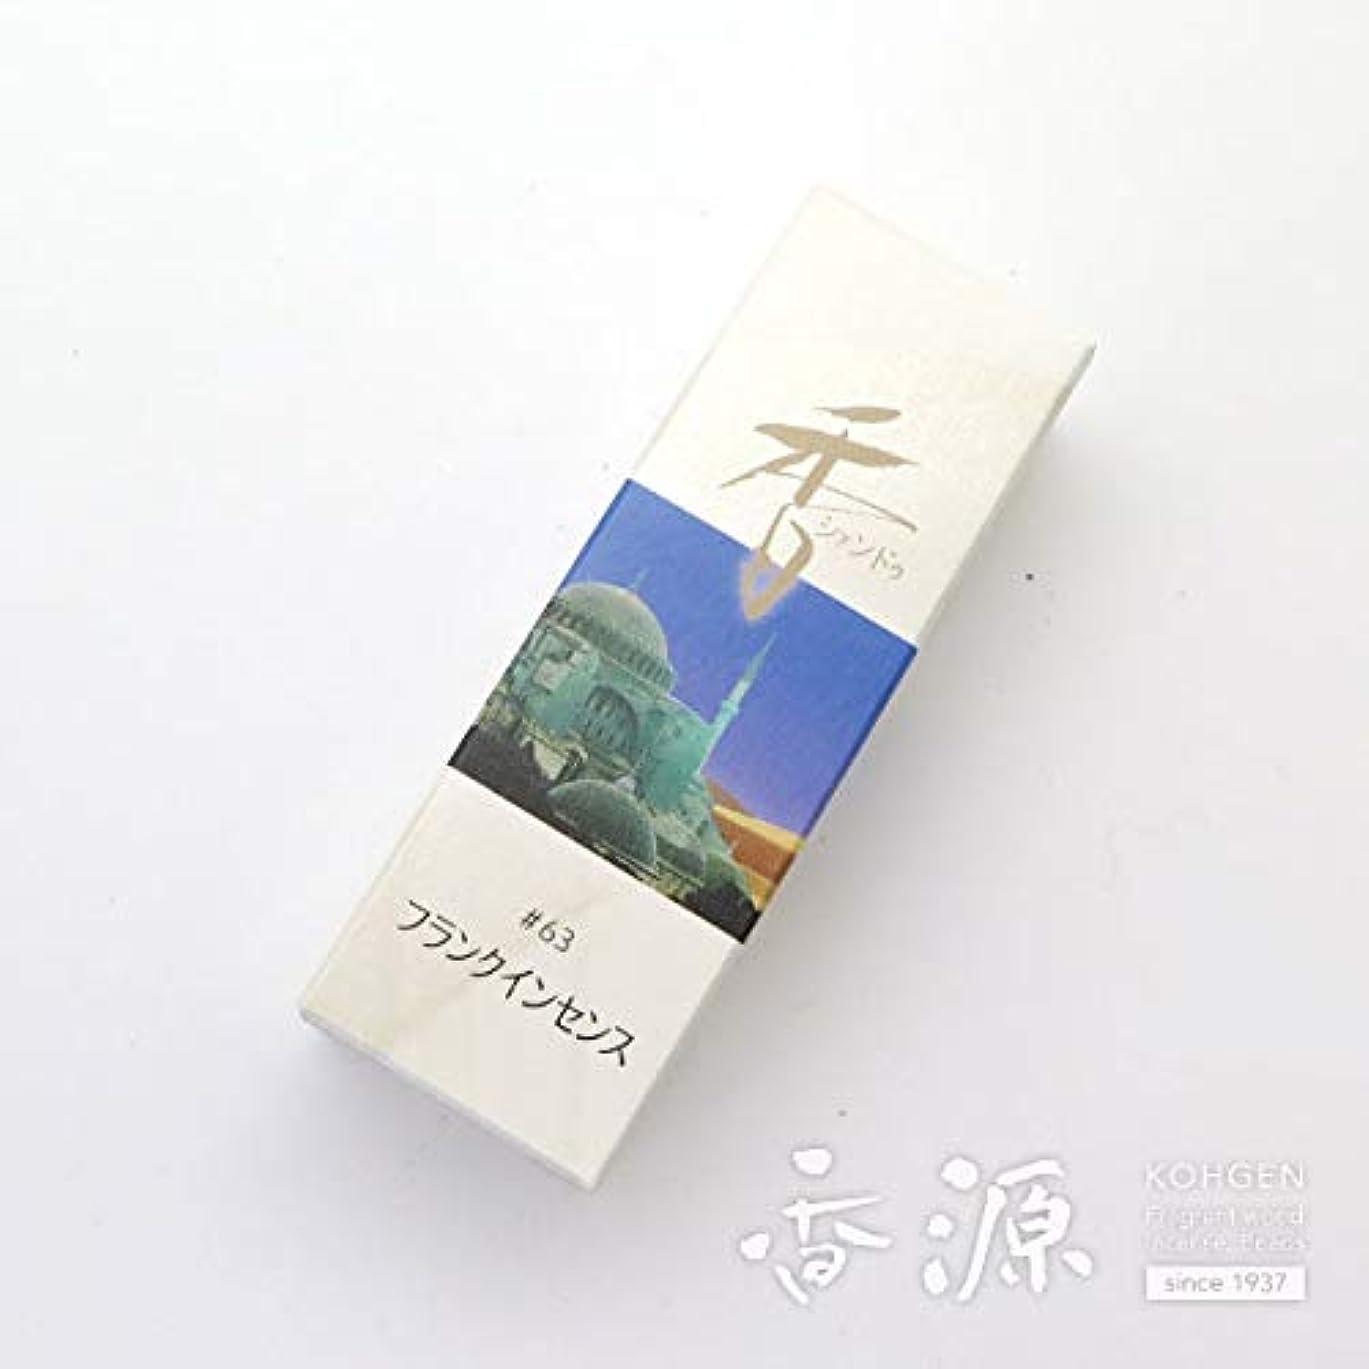 コンテンツ触覚最愛のXiang Do(シャンドゥ) 松栄堂のお香 フランクインセンス ST20本入 簡易香立付 #214263